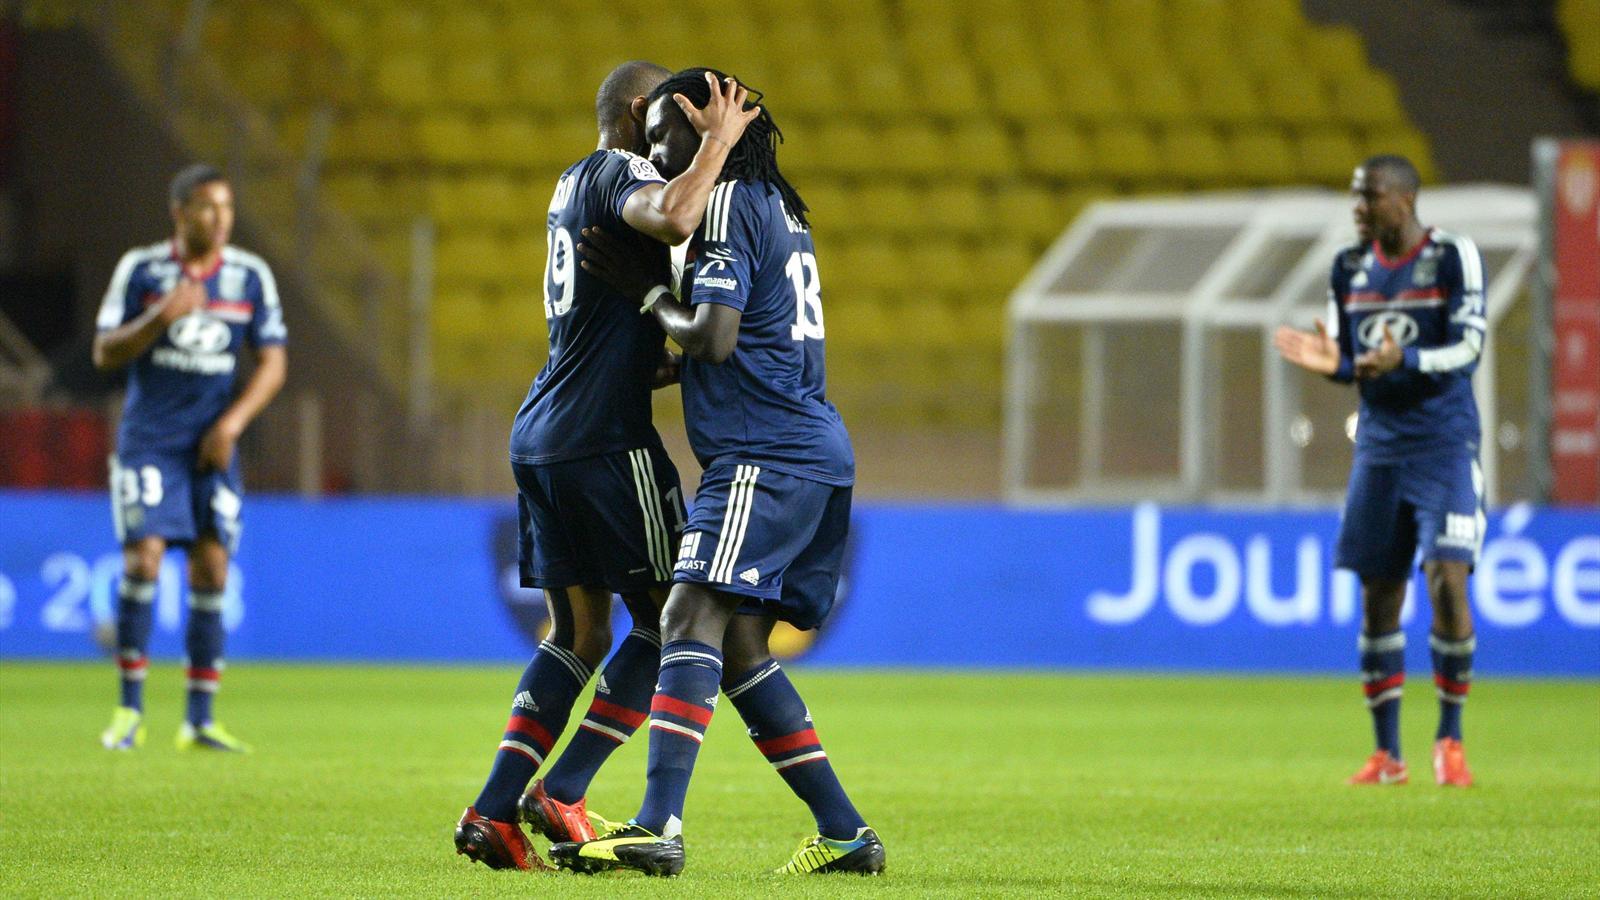 Apr s monaco ol 2 1 lyon pr ne la positive attitude ligue 1 2013 2014 football eurosport - Lyon monaco coupe de la ligue 2014 ...